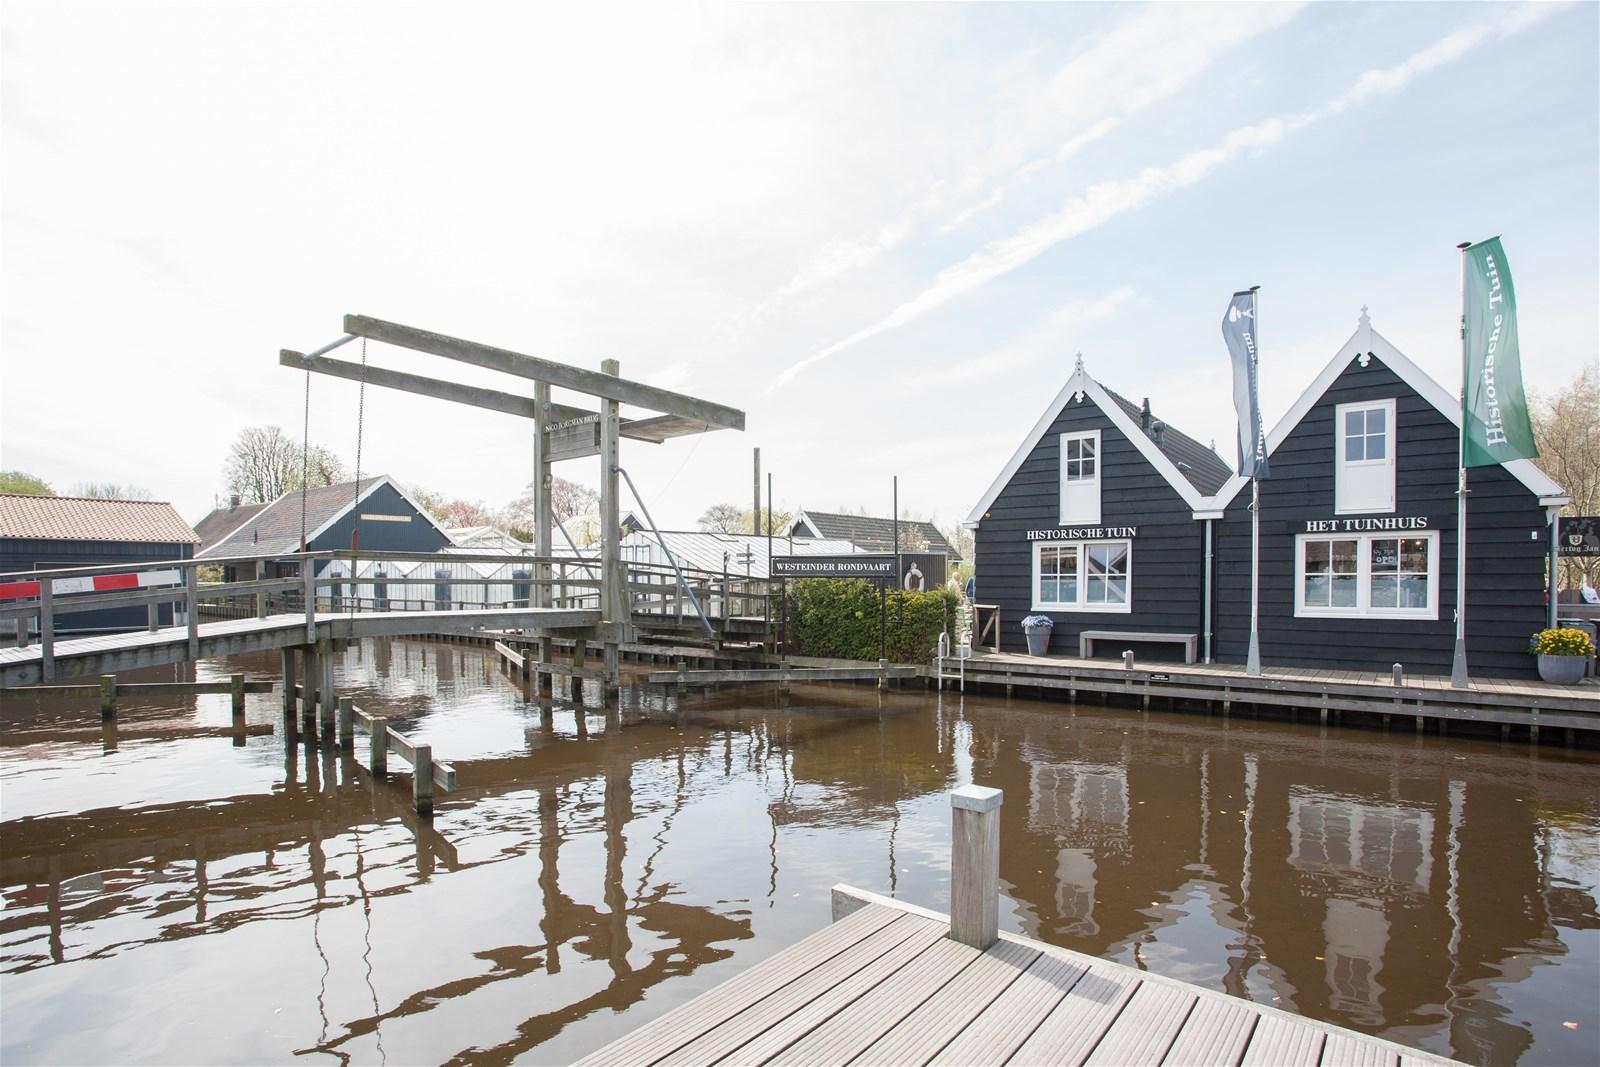 Historische Tuin Aalsmeer : Westeinder rondvaart aalsmeer u historische tuin aalsmeer